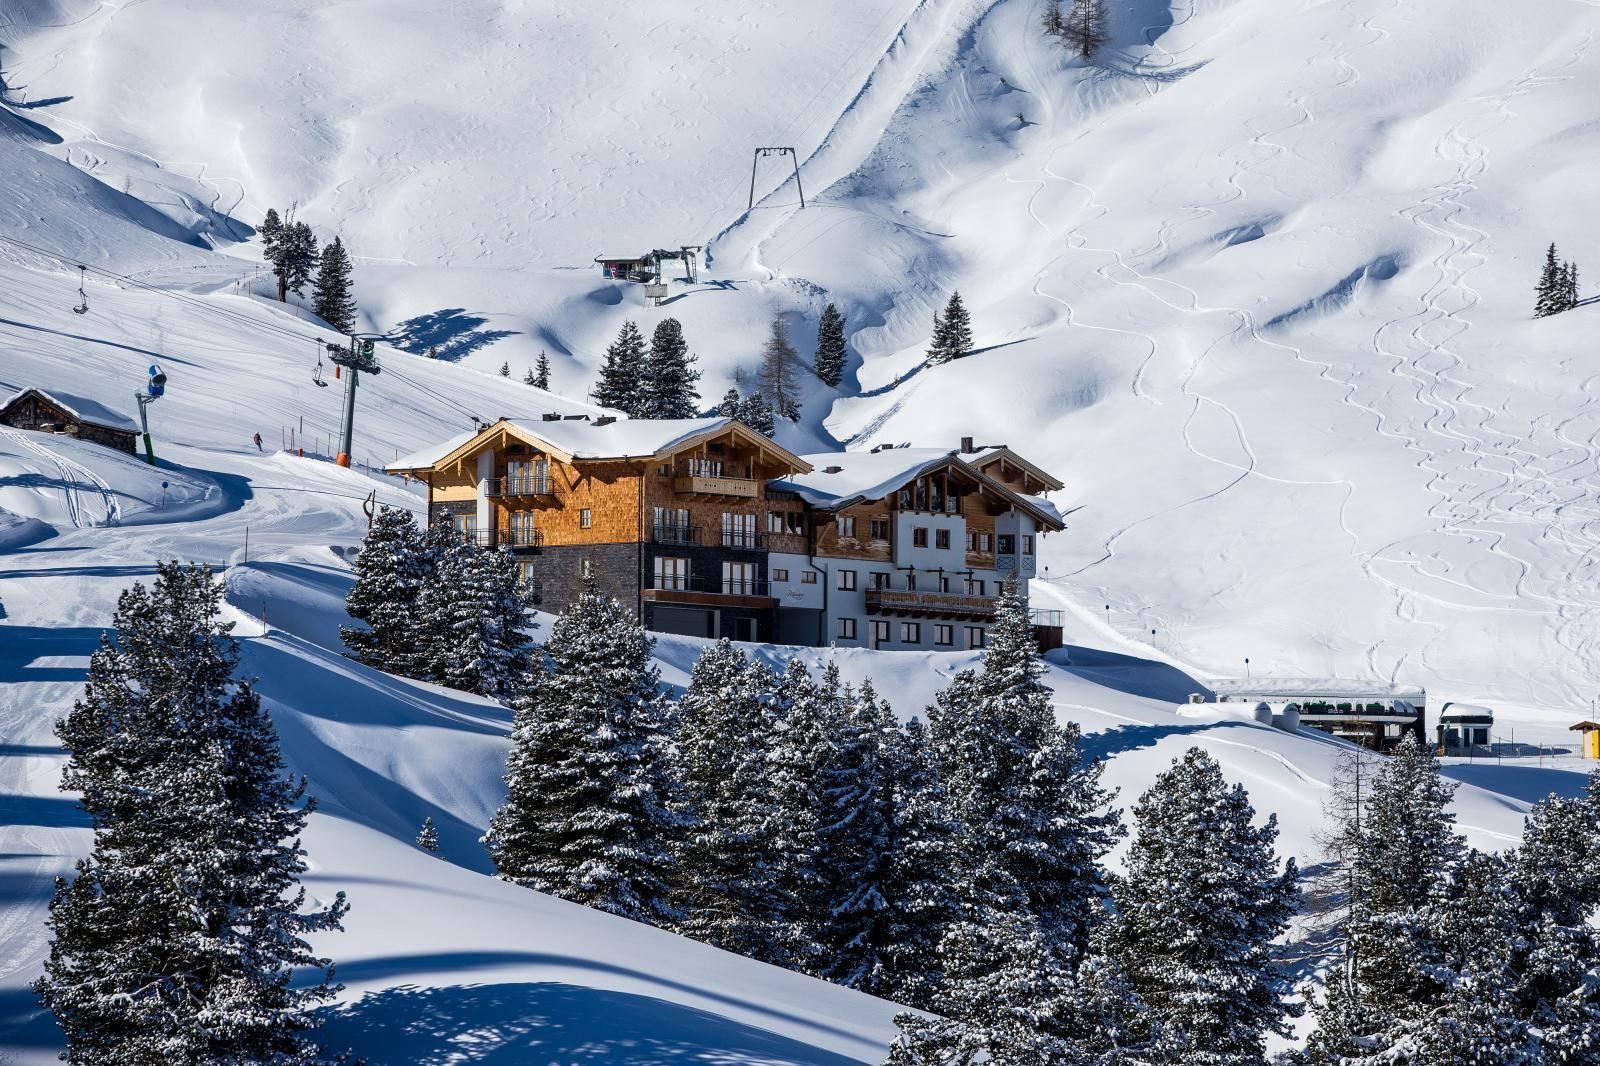 Prekrasno vrijeme na skijalištu Wildkogel - Arena u Austriji